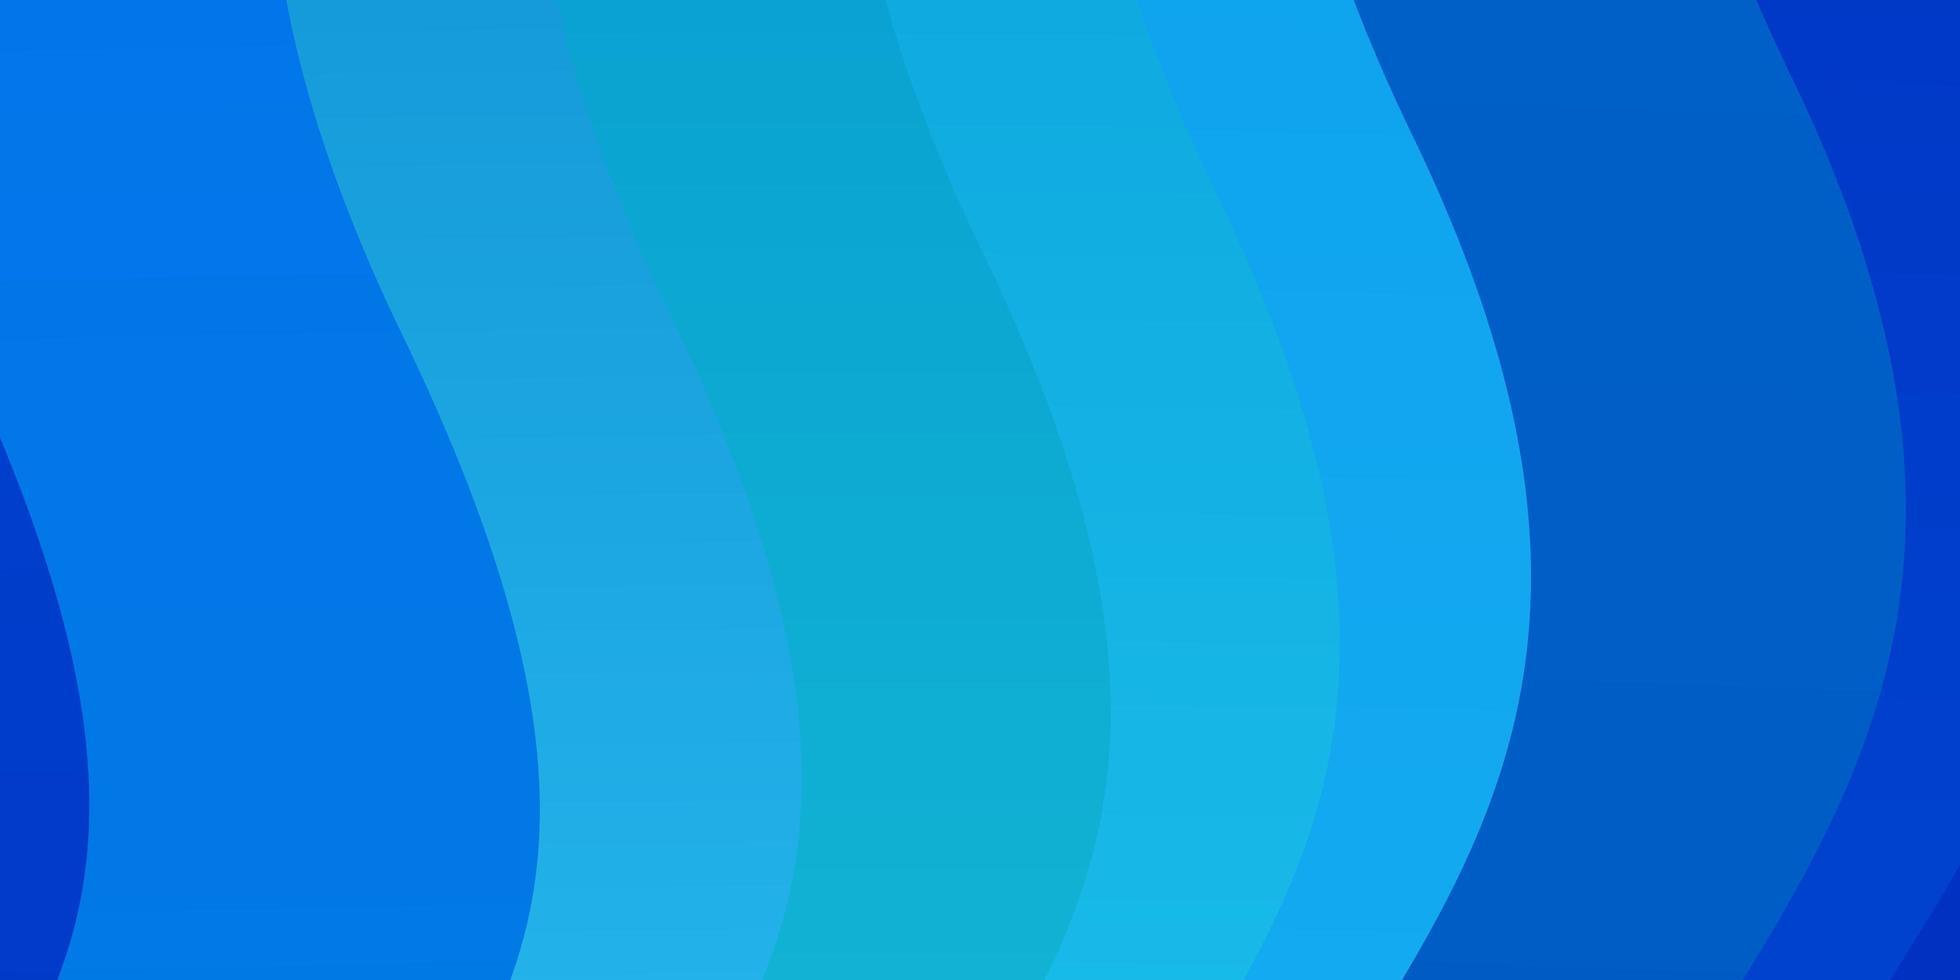 lichtblauwe vectorachtergrond met cirkelboog vector